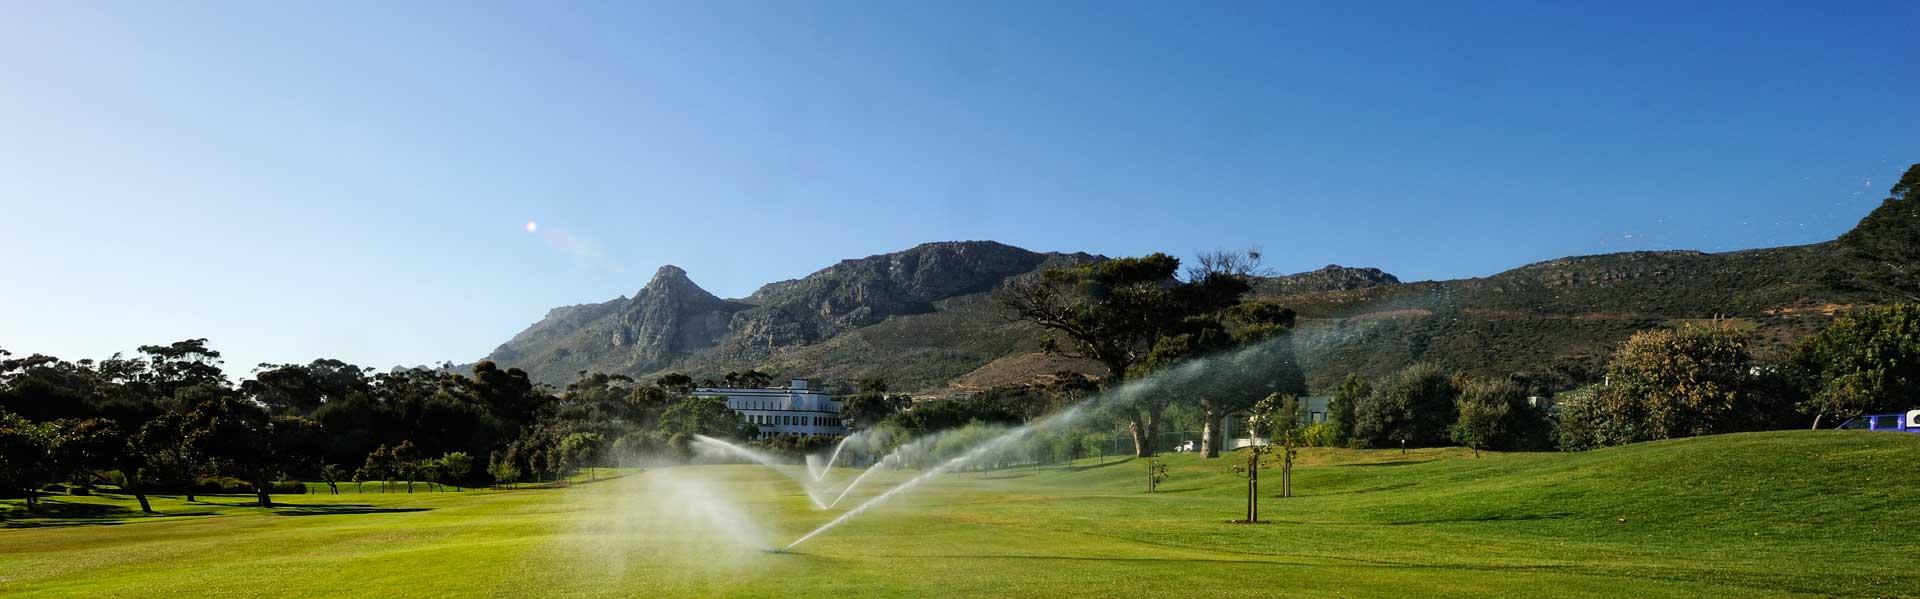 Beautiful Grass - Turfmanzi Irrigation